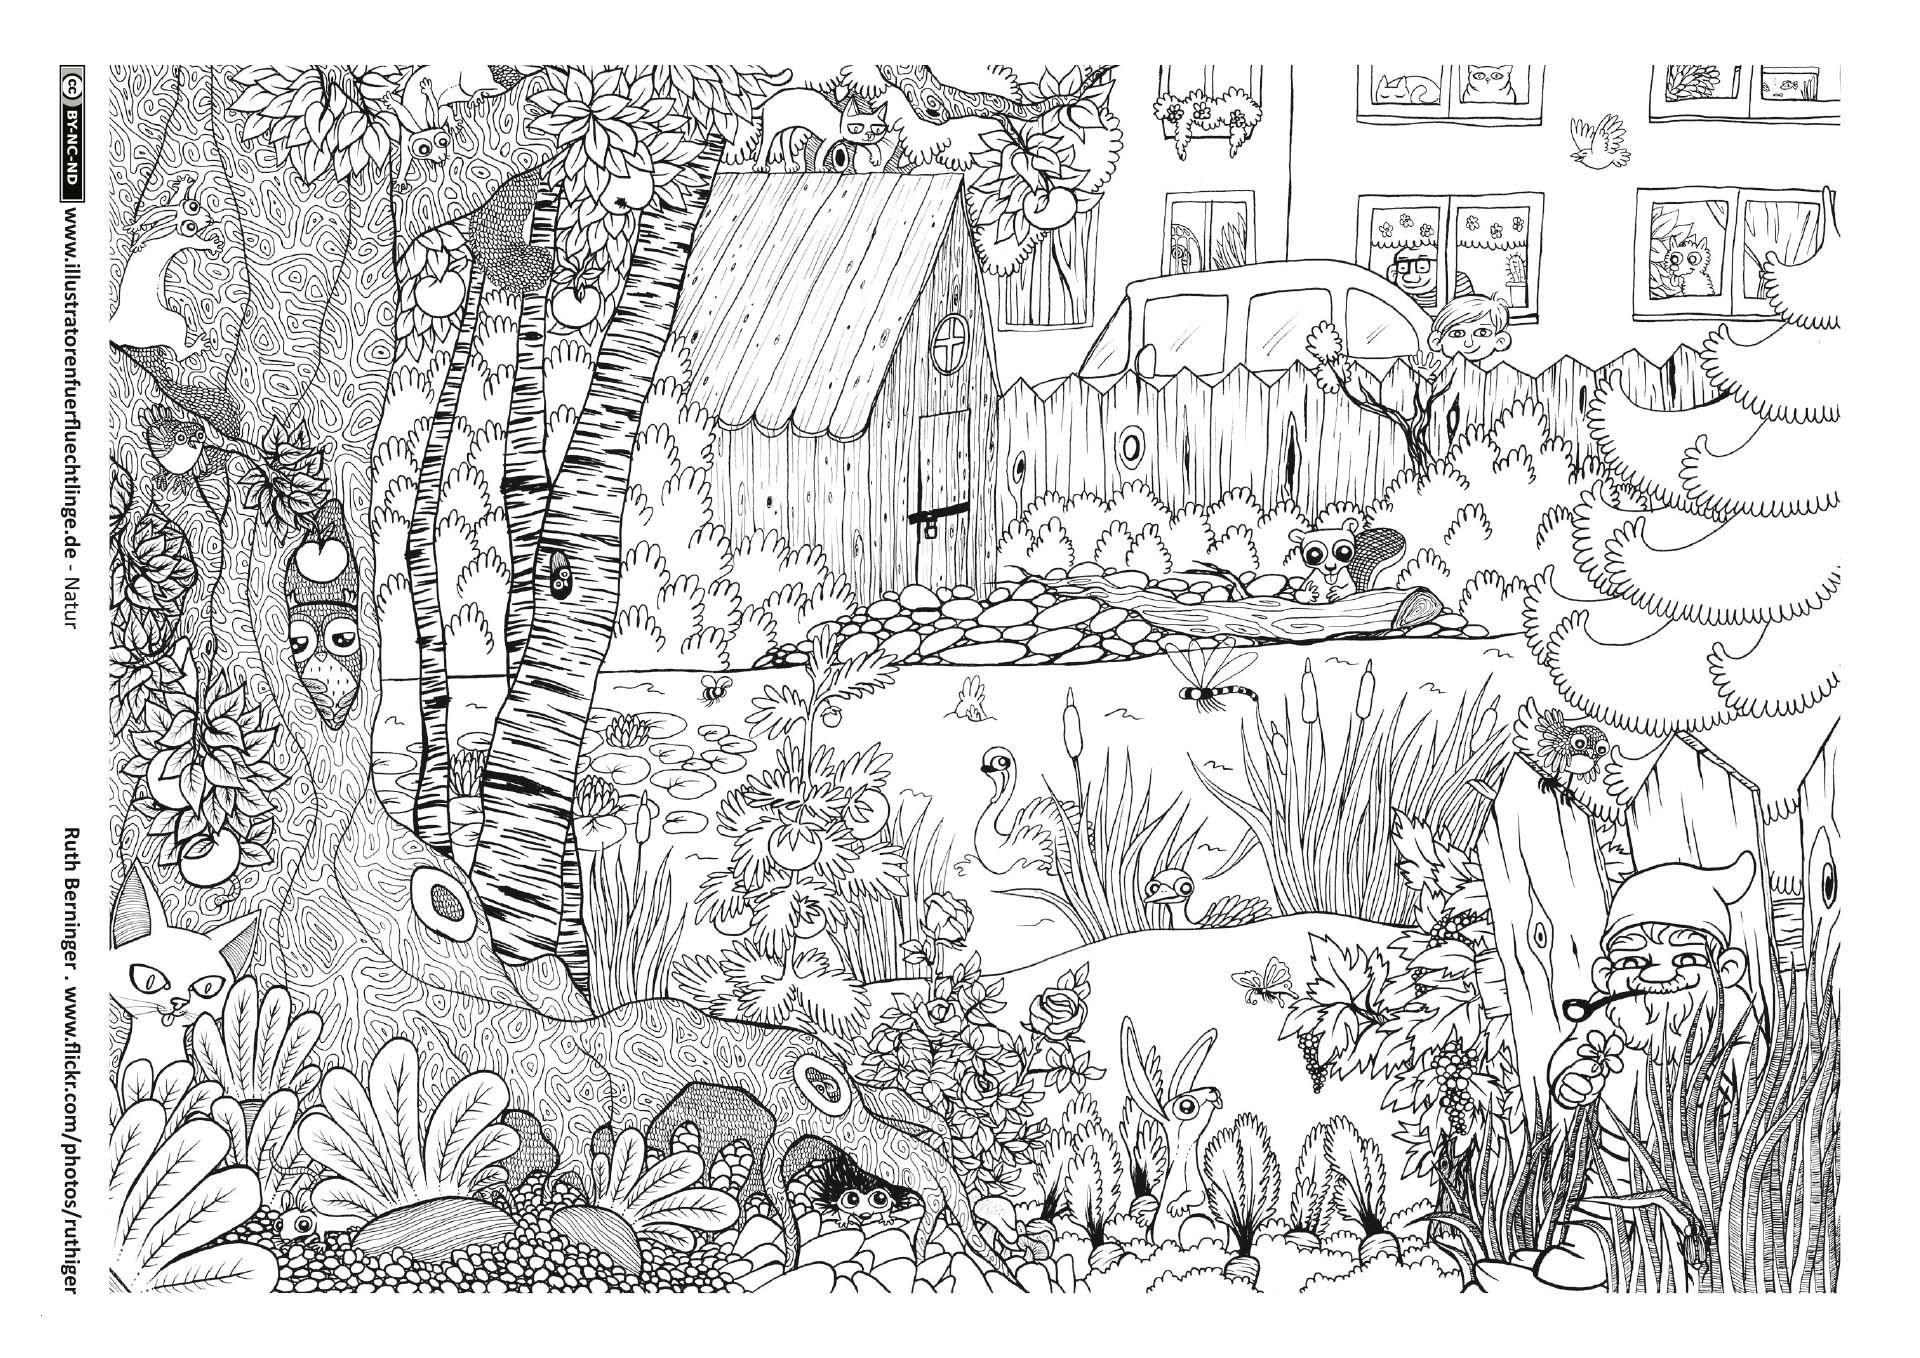 Ausmalbilder Tiere Im Wald Das Beste Von Wald Grundschule Material Bayern Ausmalbilder Schön Igel Grundschule Galerie